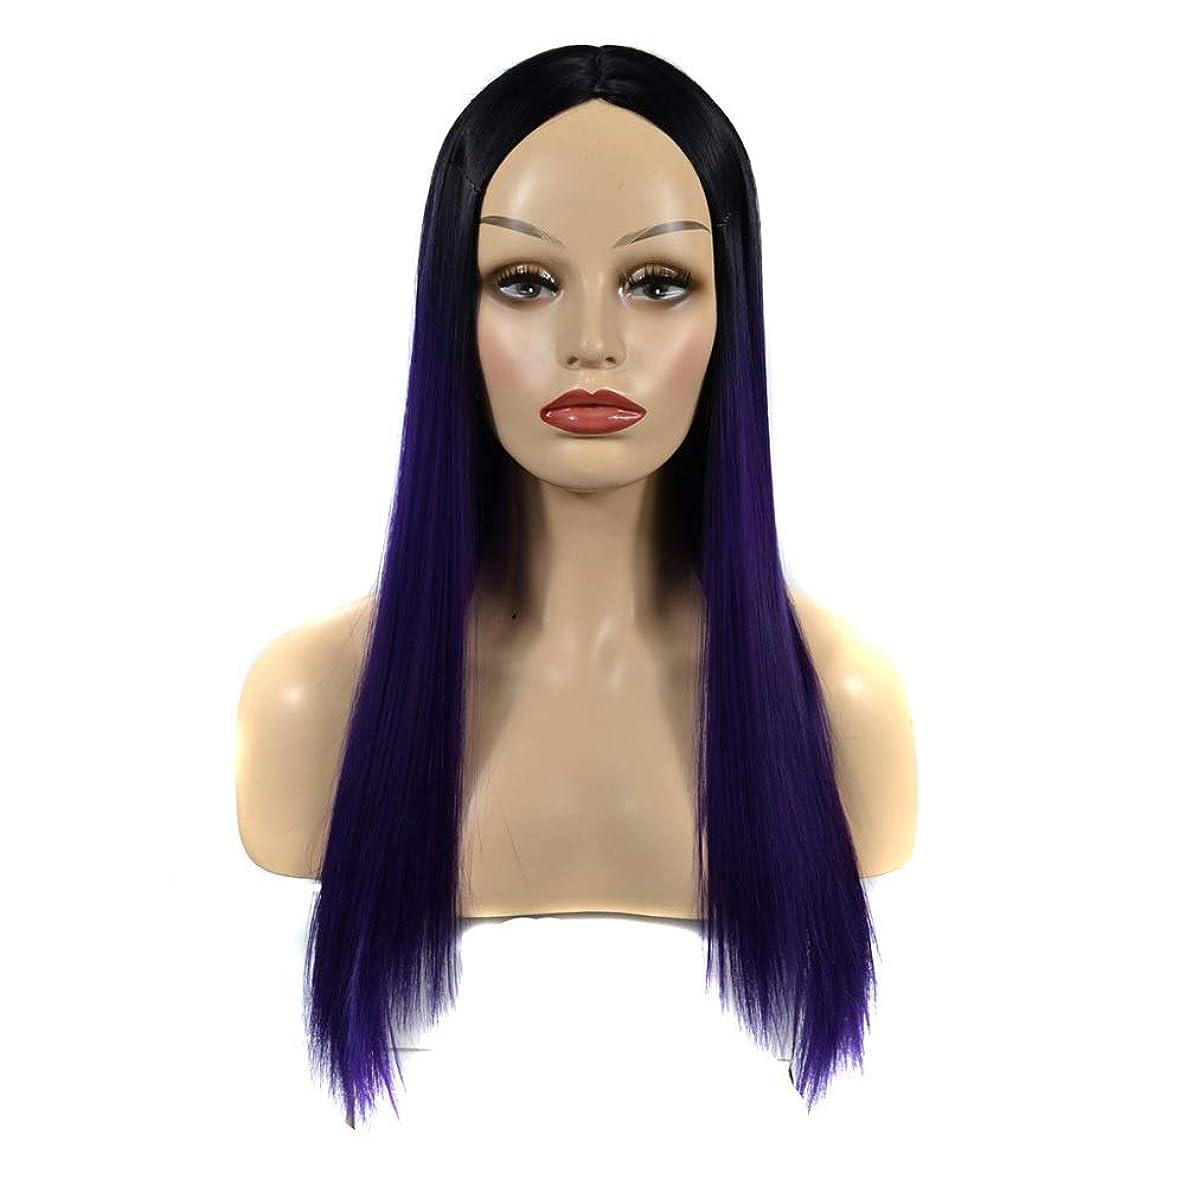 人類反抗感謝祭HOHYLLYA 女性の長いストレートヘアブラックグラデーショングレープパープルミドルパートウィッグデイリードレスパーティーウィッグ (色 : ダークパープル, サイズ : 60cm)